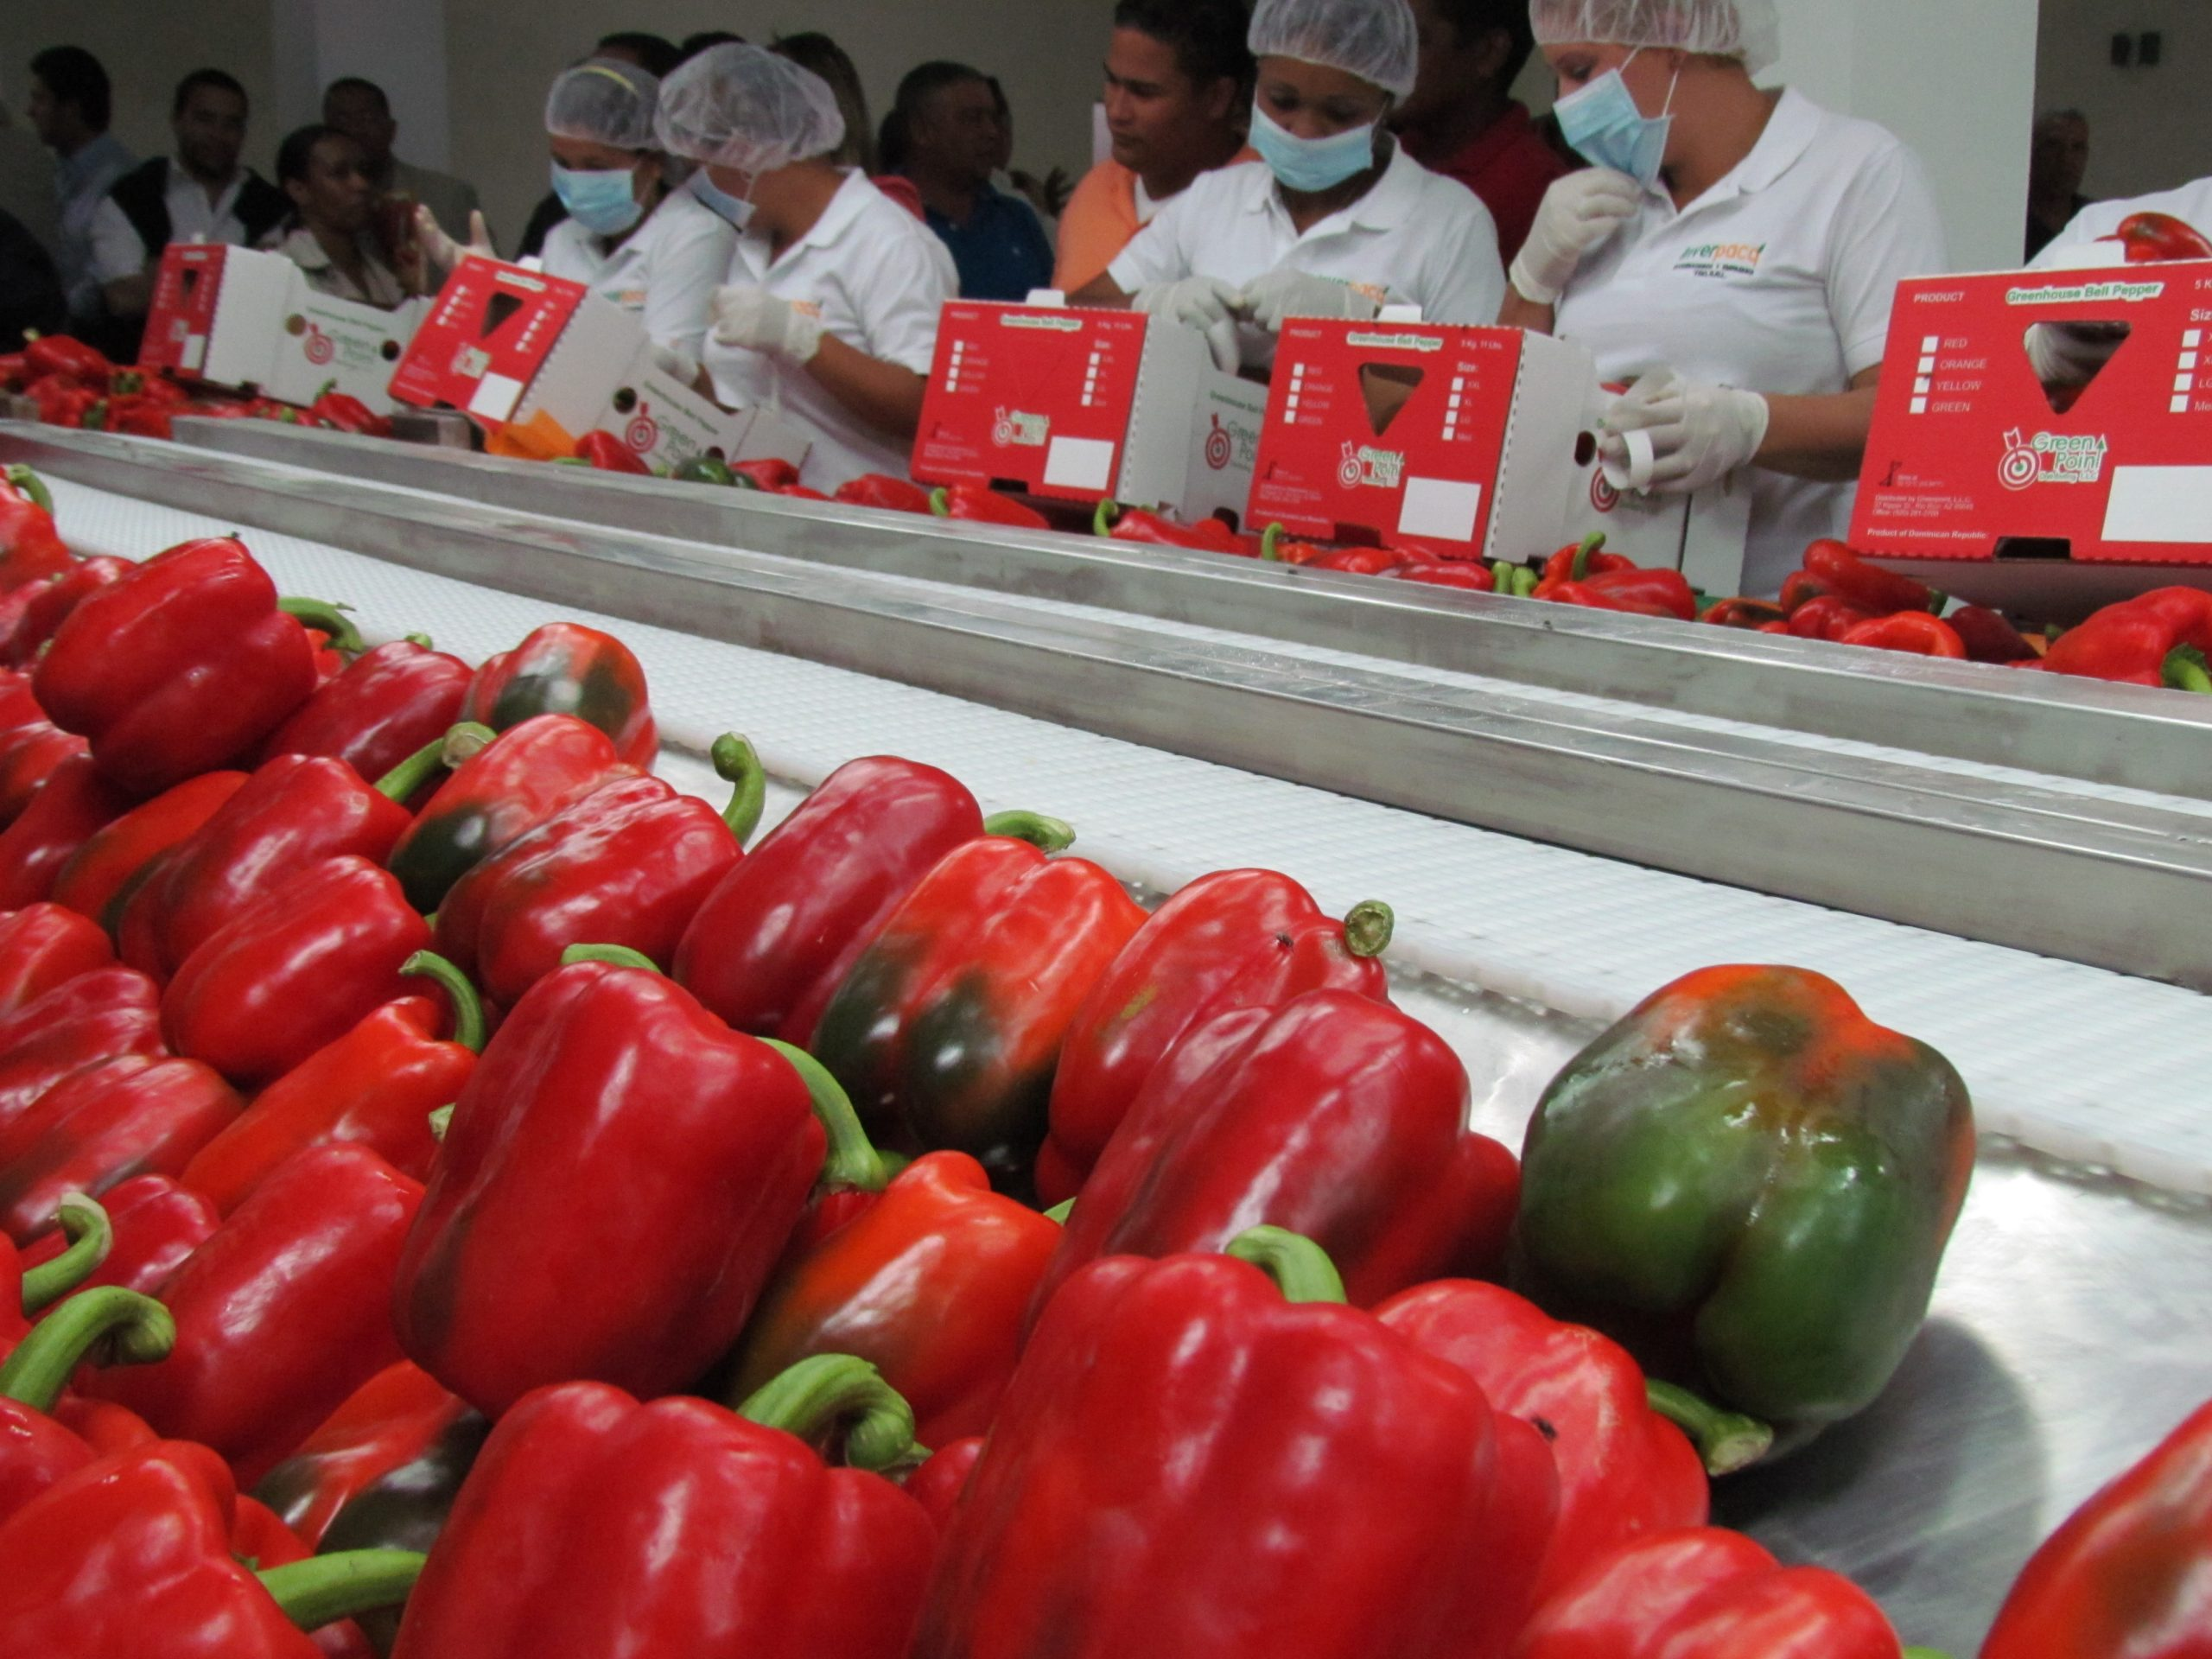 El país ha ganado un gran espacio en el mercado mundial con los invernaderos. Foto: Jairon Severino